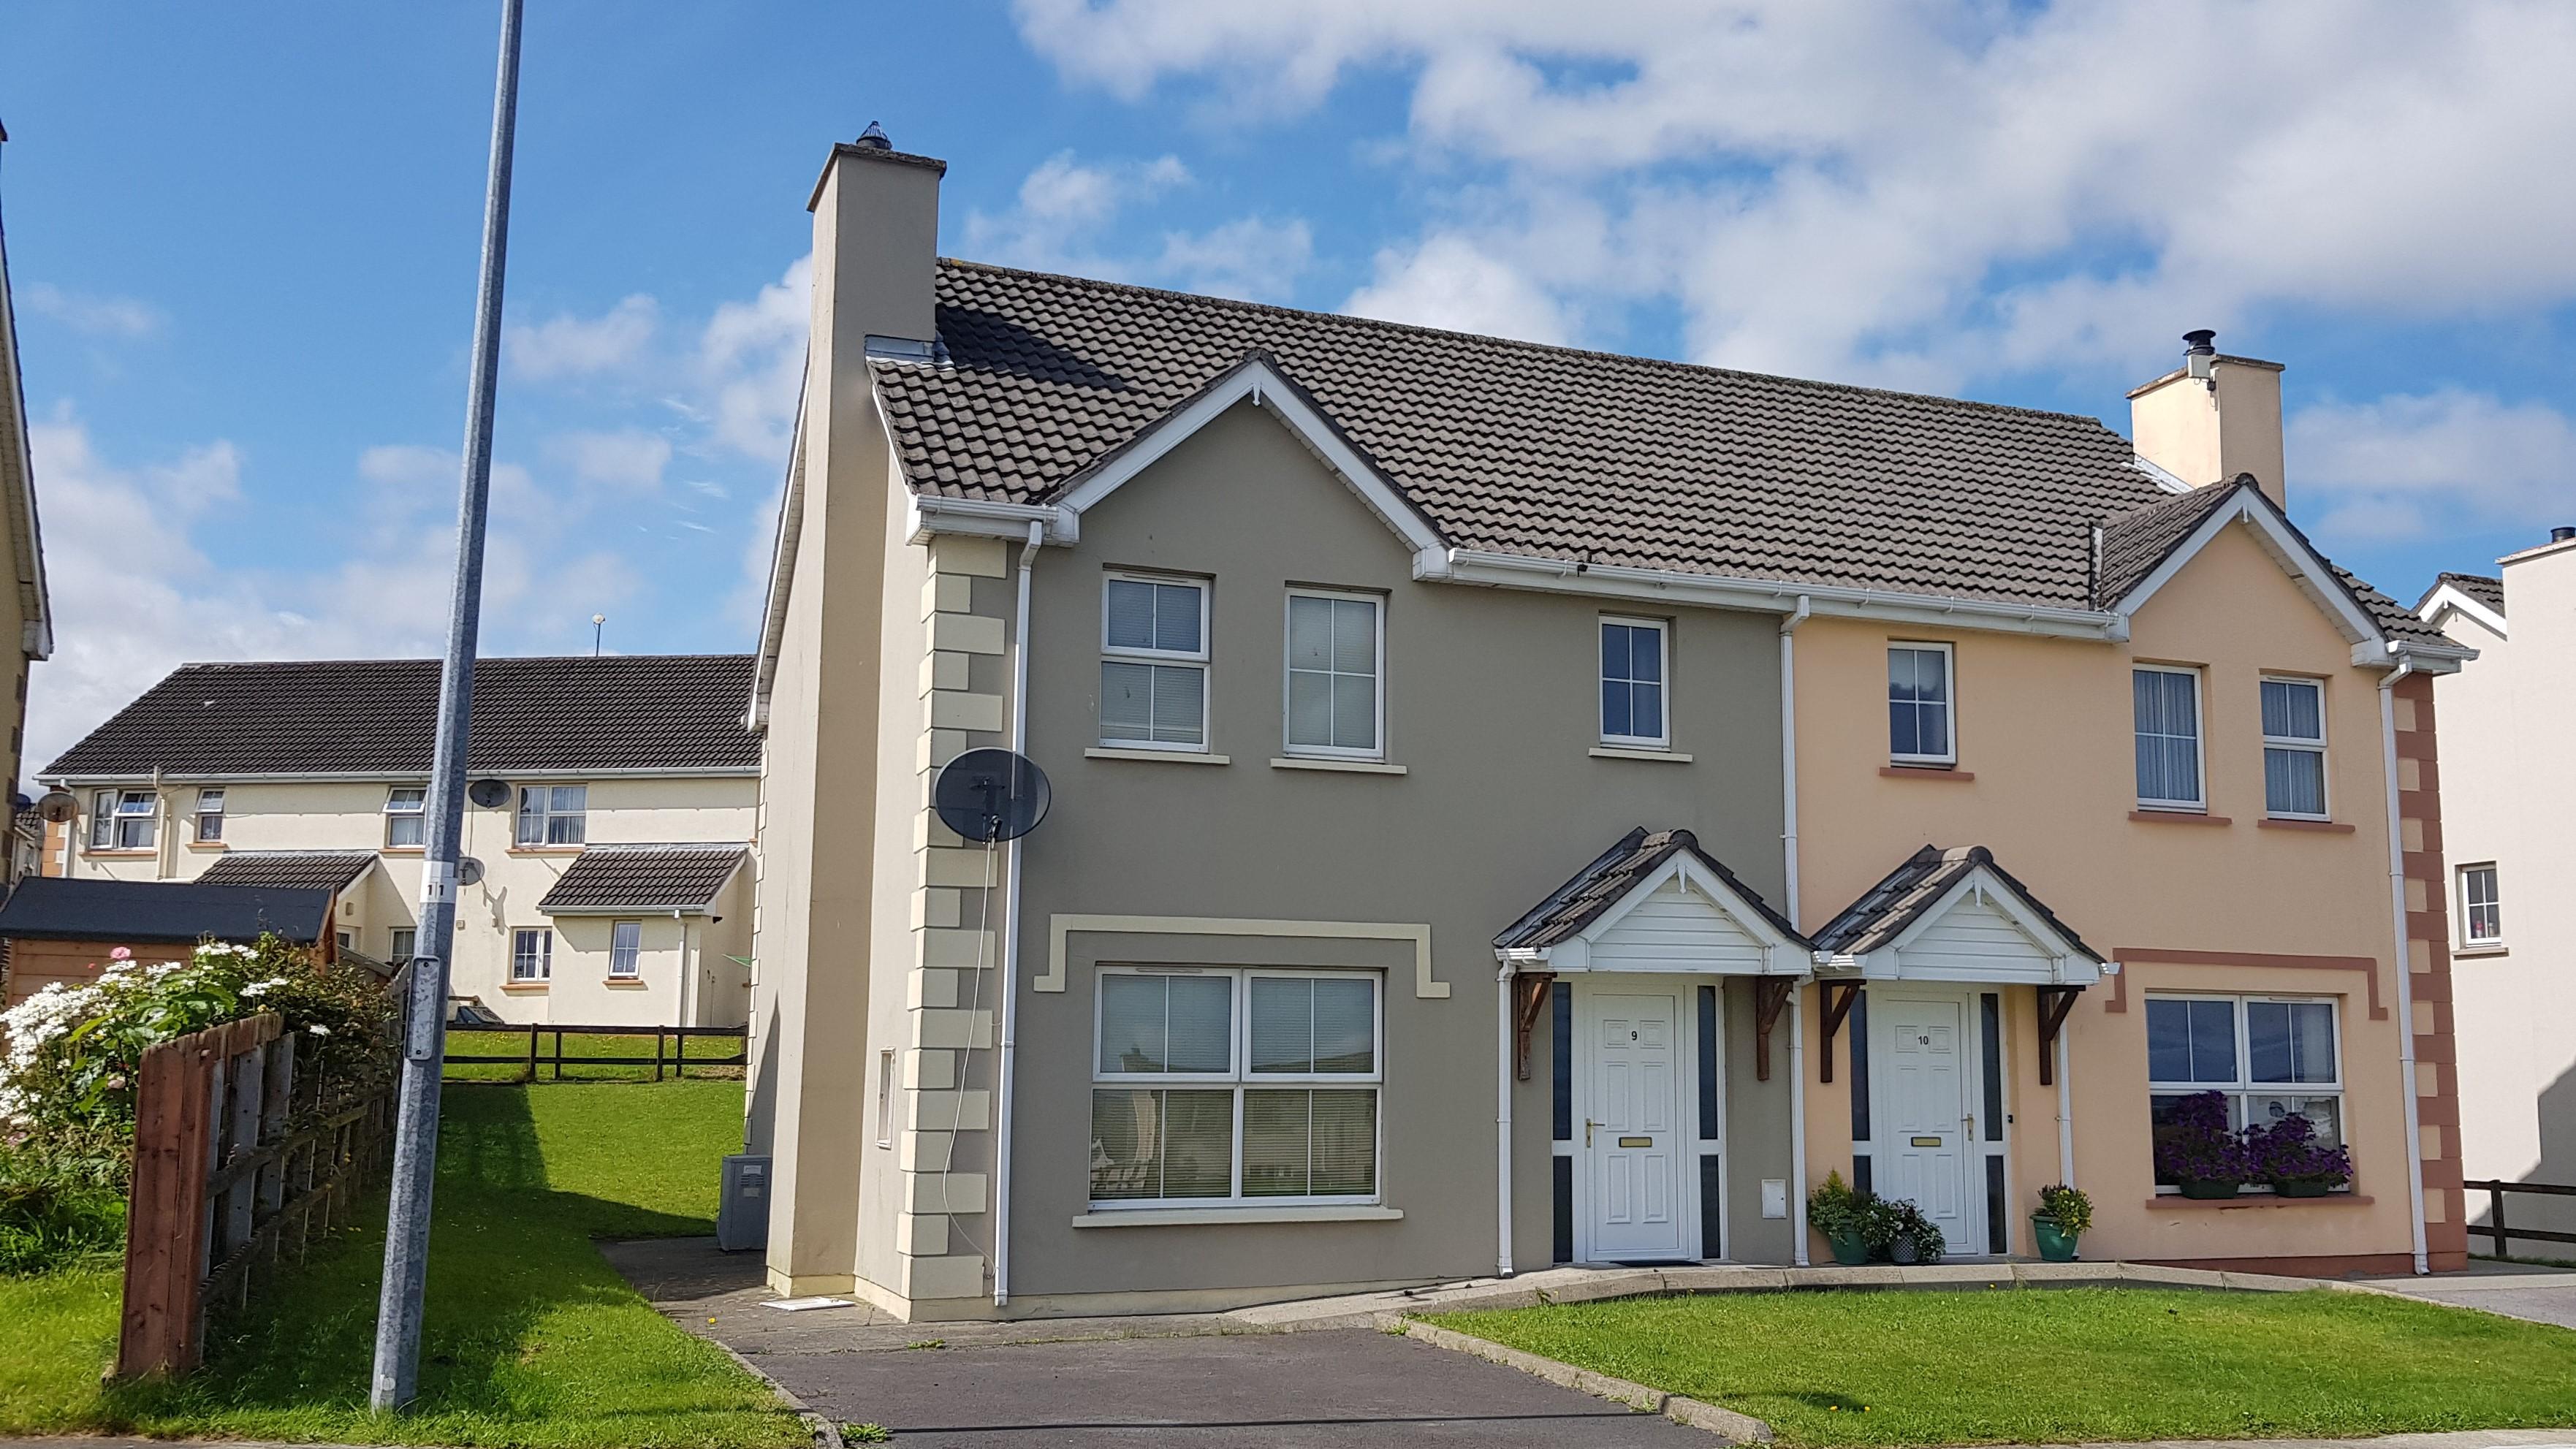 9 Gleann Tain Manor, Letterkenny, Co. Donegal, F92 CDK2